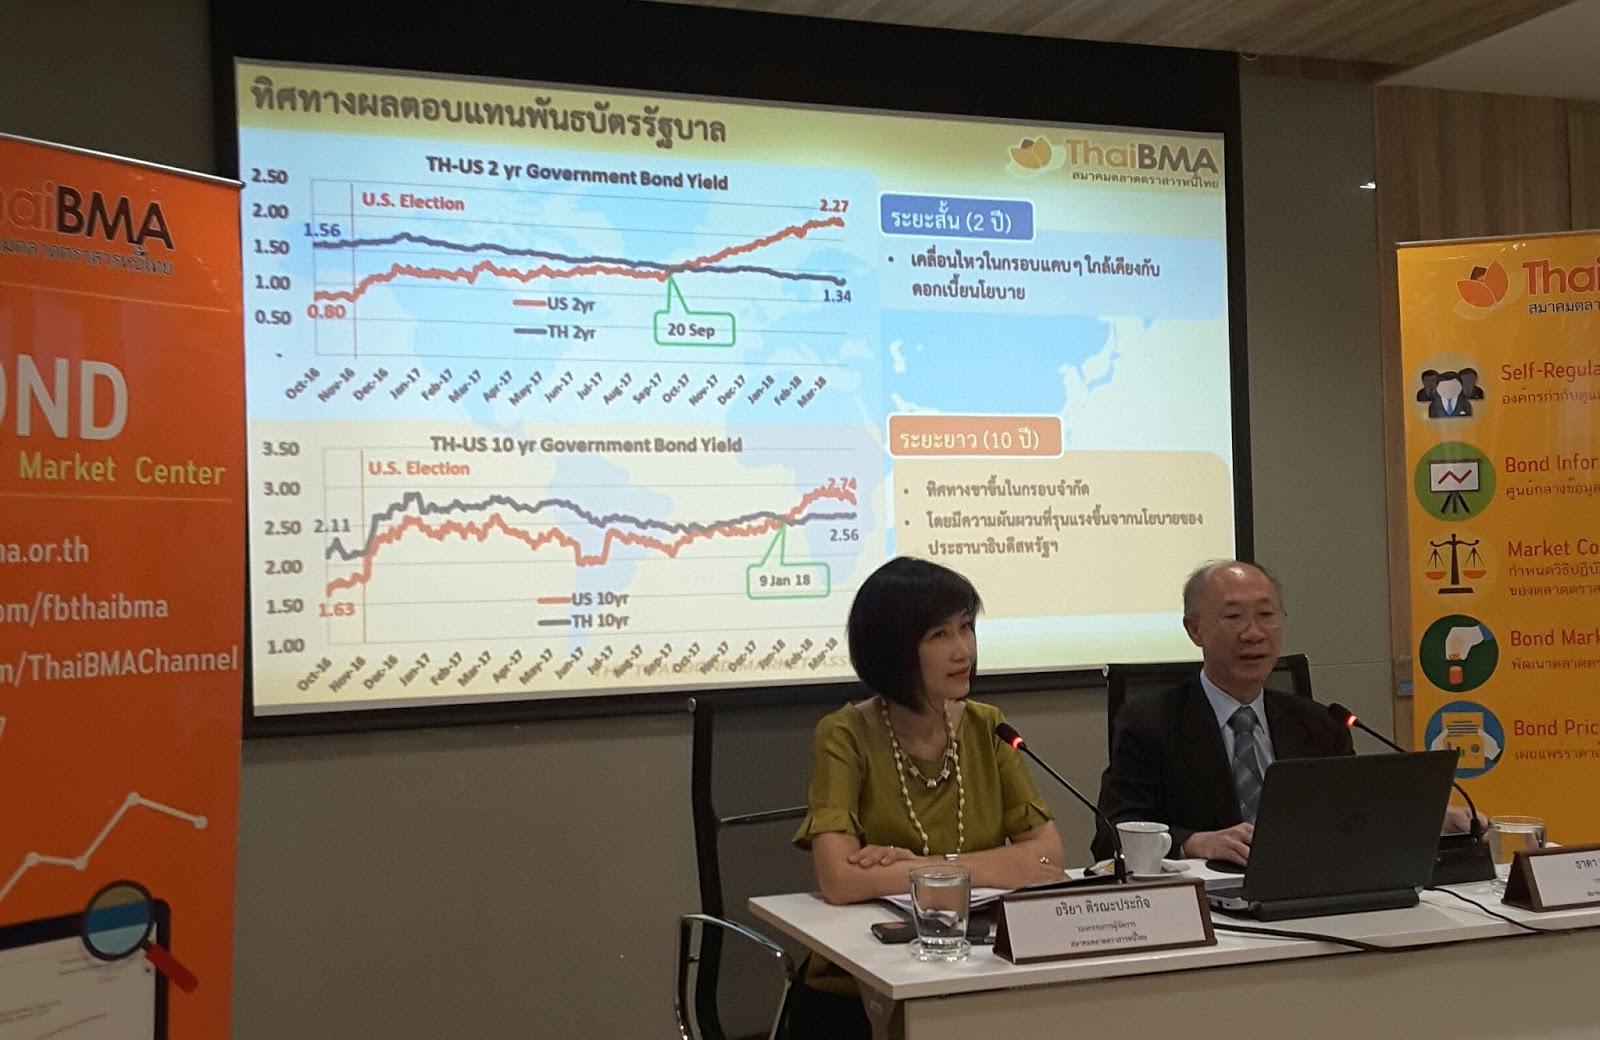 สรุปภาวะตลาดตราสารหนี้ไทยไตรมาส 1 ปี2561 และแนวโน้มช่วงที่เหลือของปี 2561